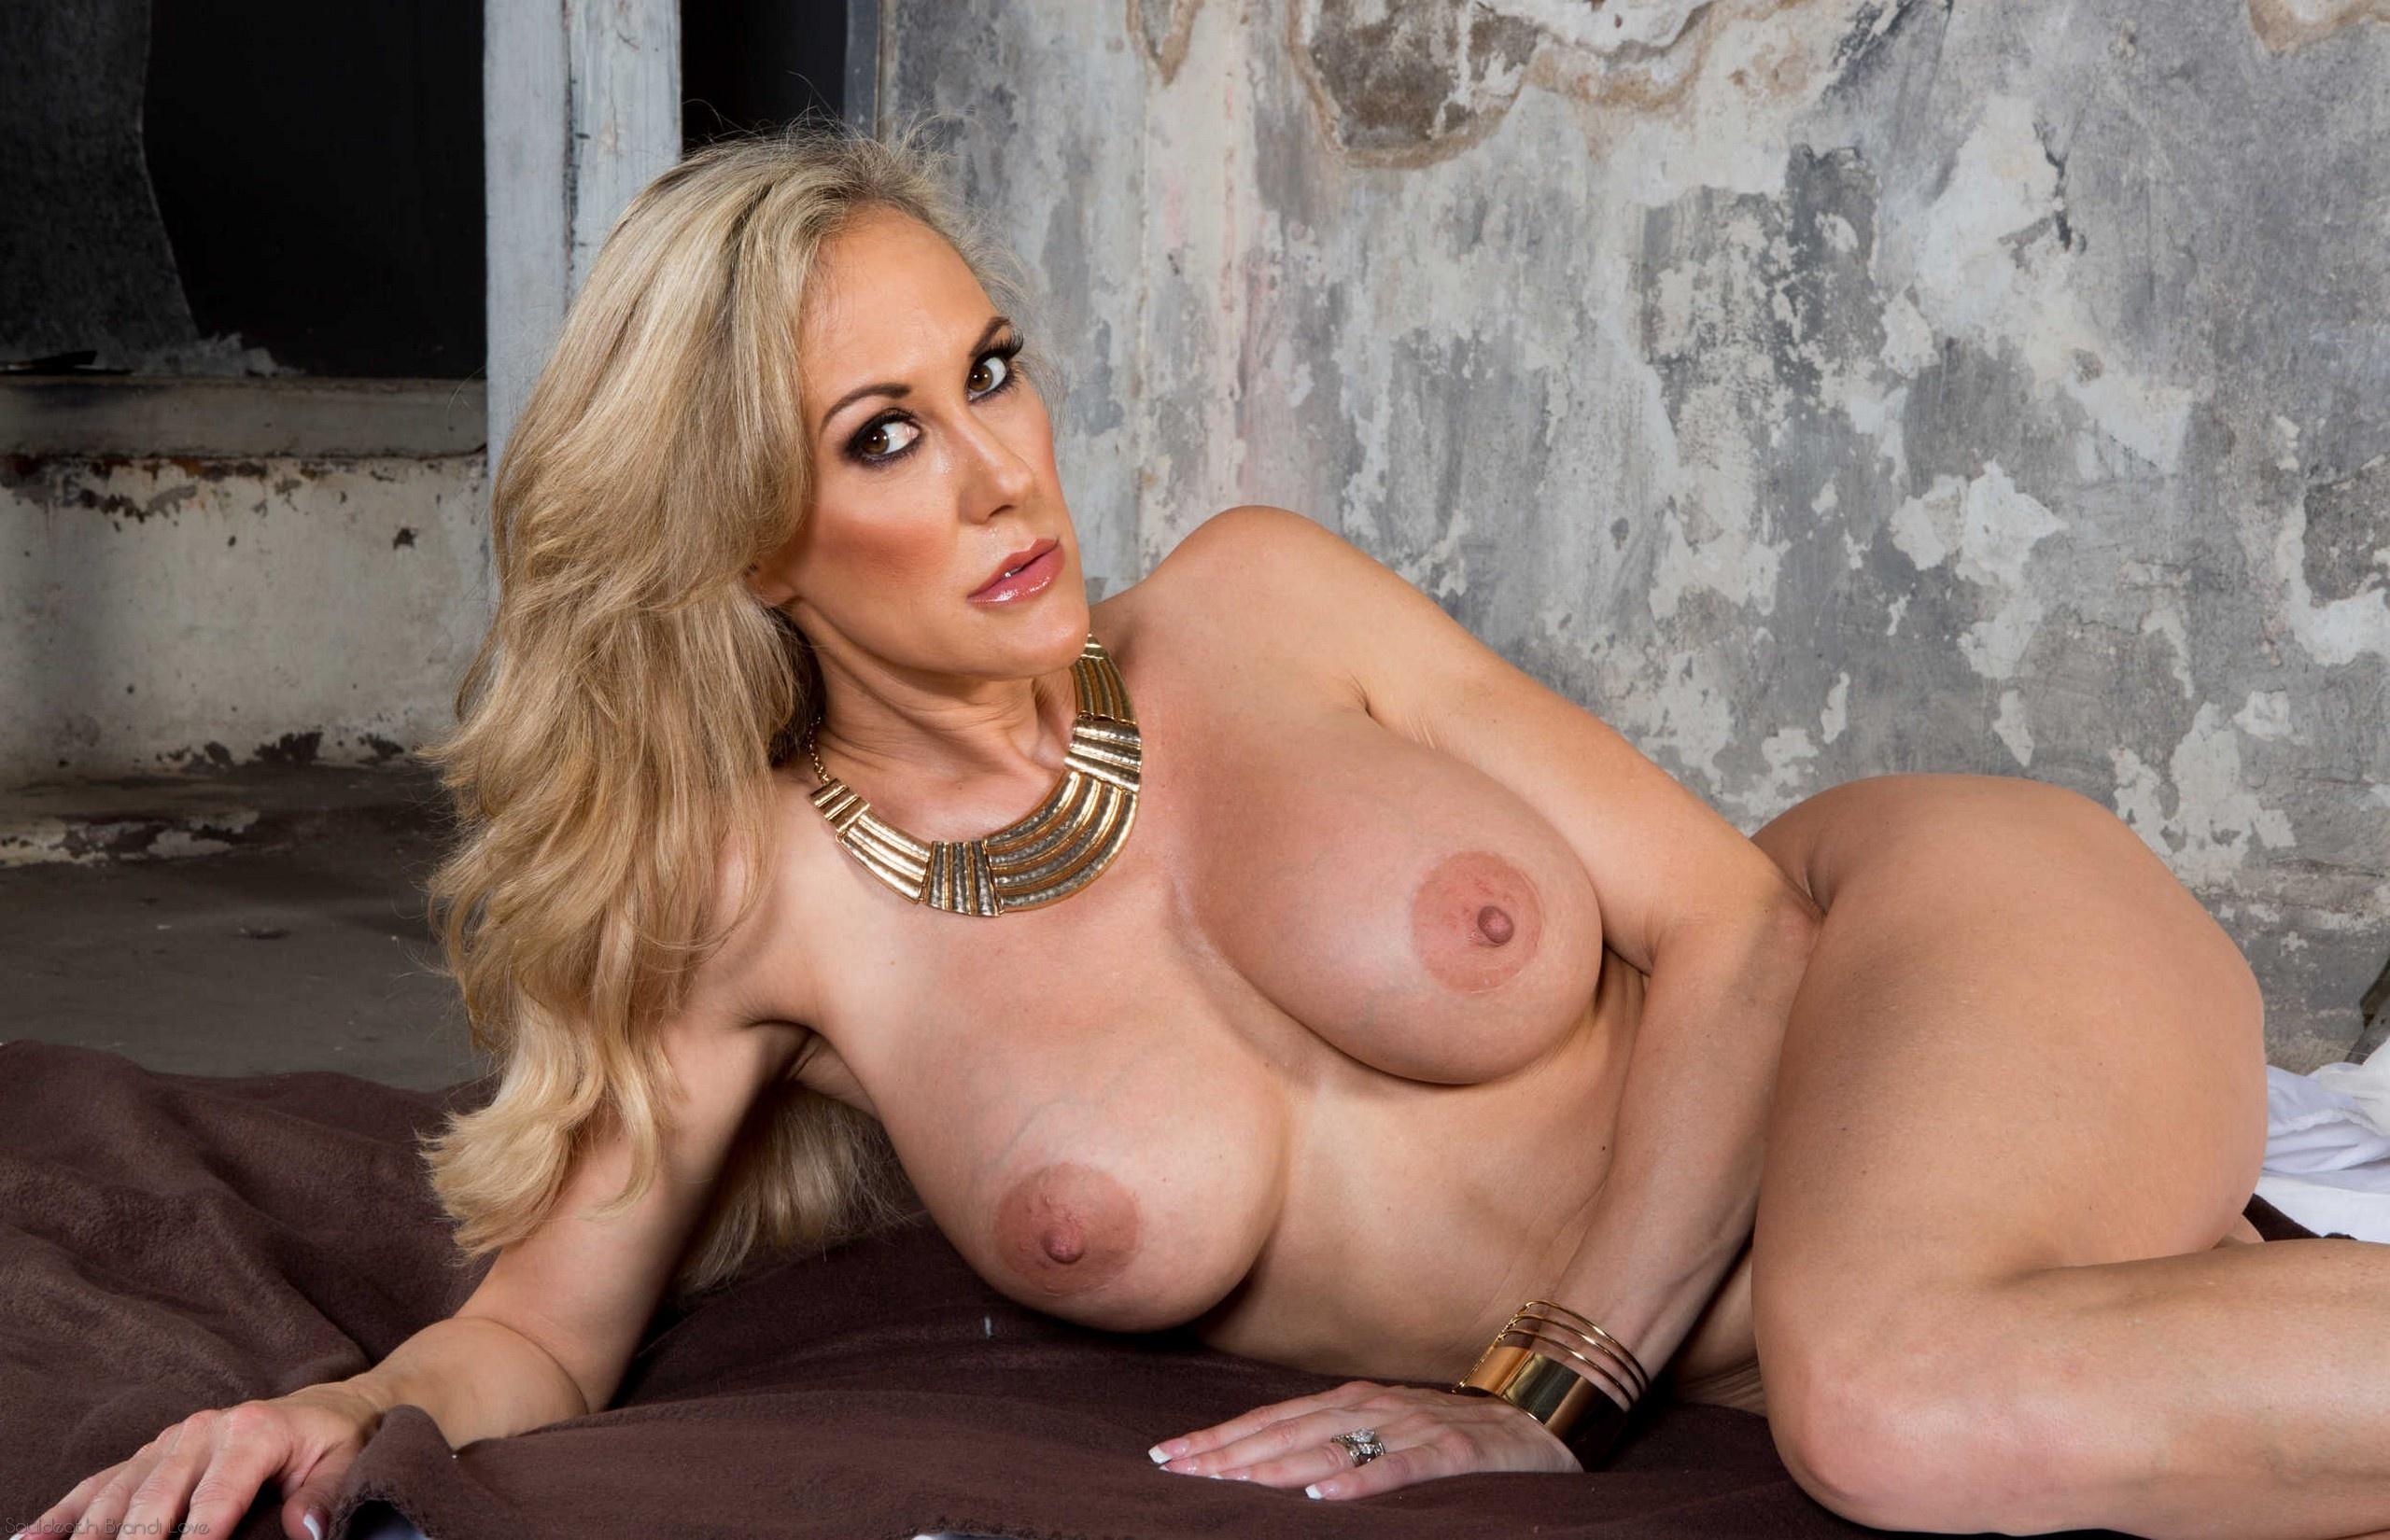 Российские xxx актрисы, 25 известных порнозвезд из России (49 фото) - События 22 фотография